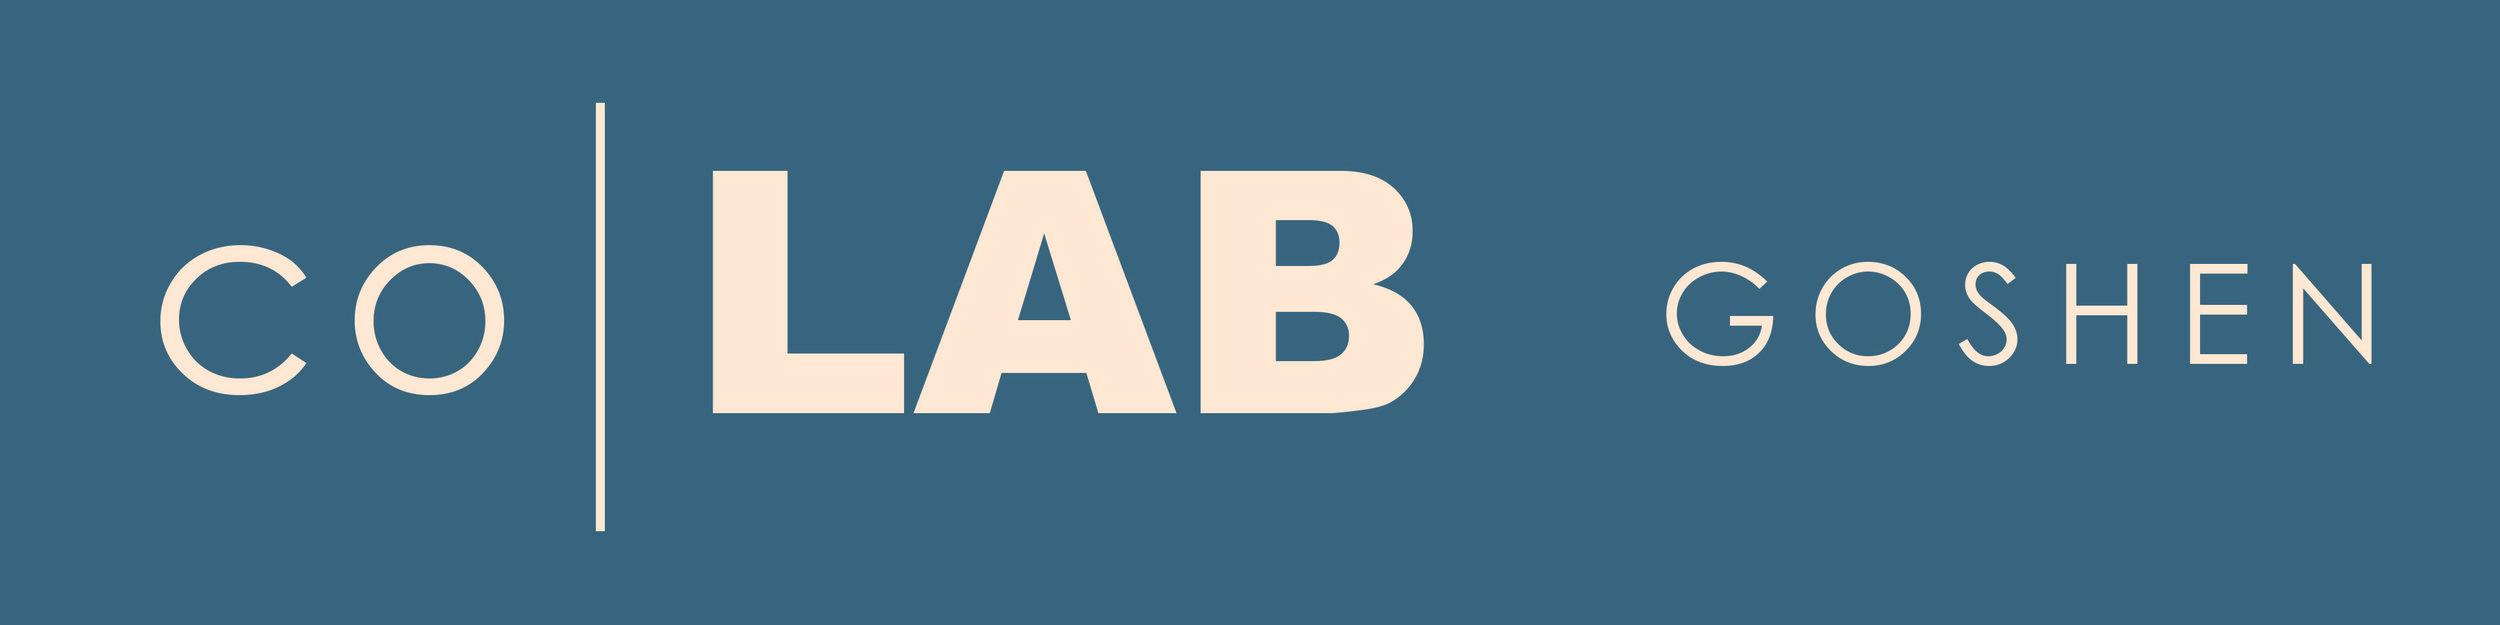 CoLAB Logo 4.1 Ratio v3.jpg